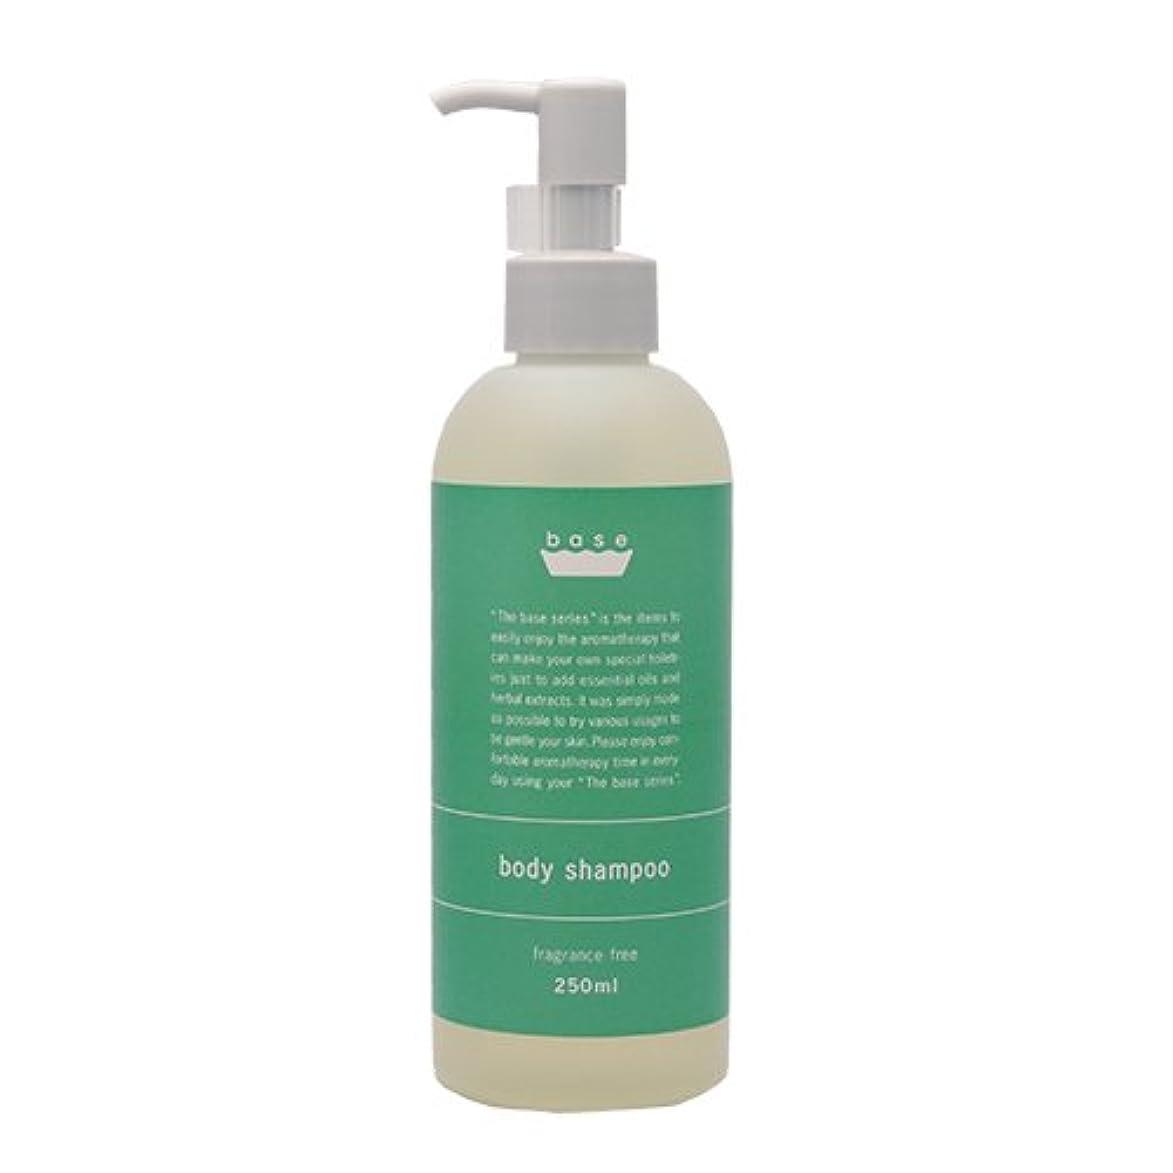 校長直接加入フレーバーライフ base body shampoo(ボディーシャンプー)250ml